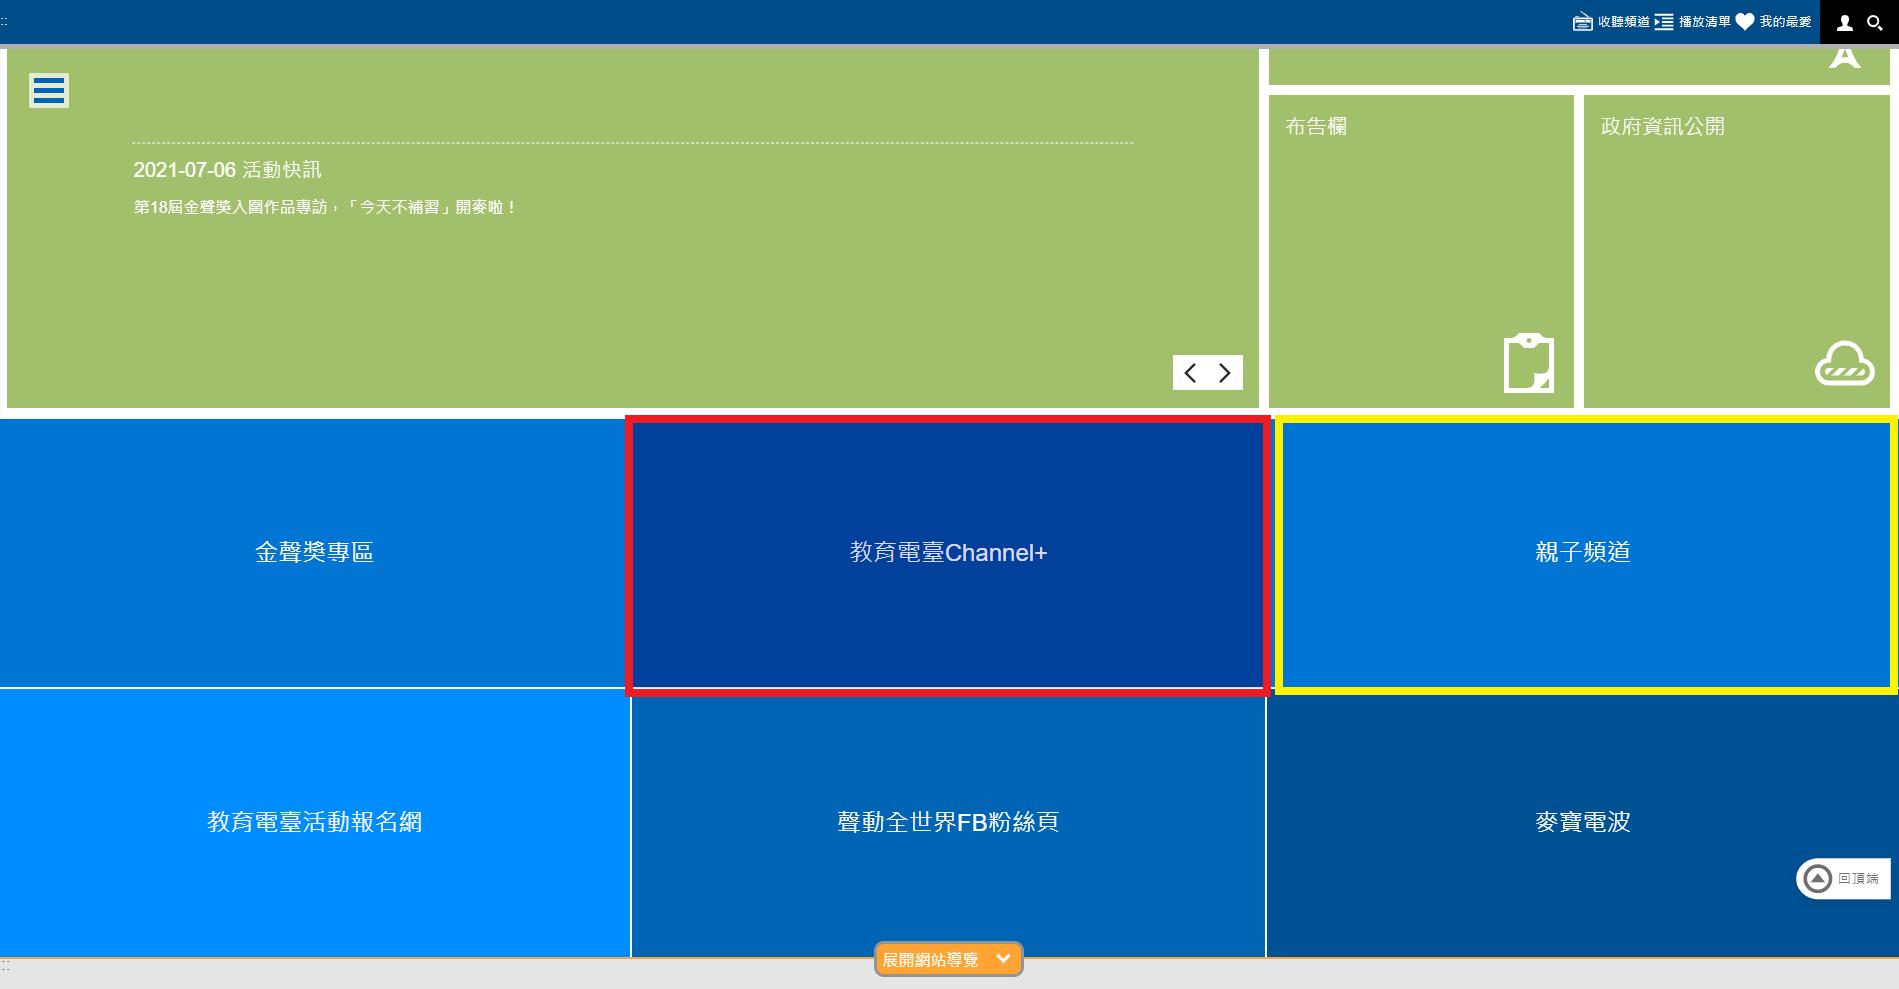 方法2:官網首頁下拉至底部藍色區塊,點選Channel+或「親子頻道」,皆可收聽更多節目。